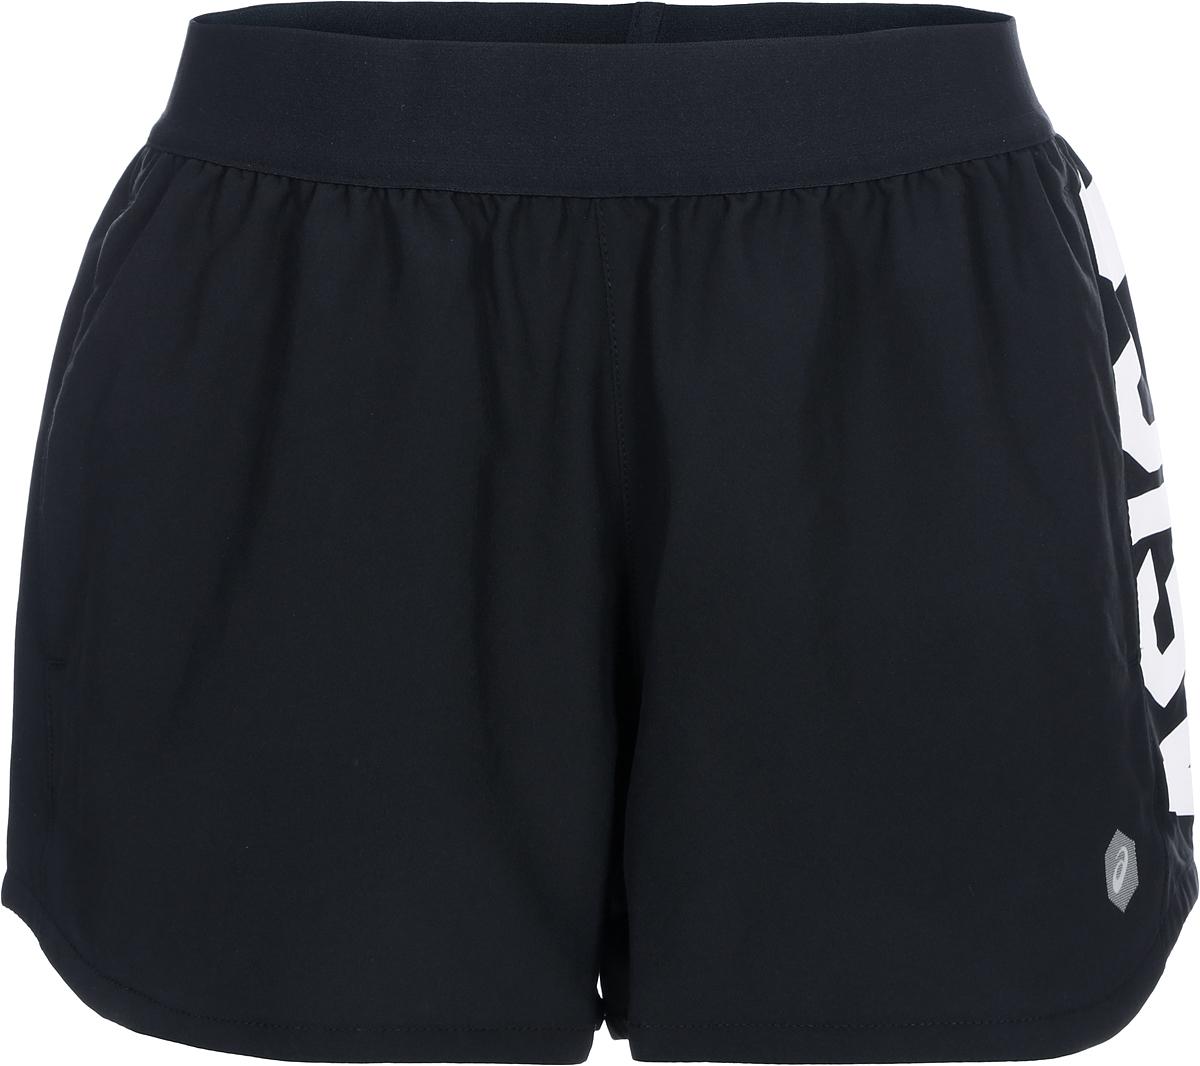 Шорты женские Asics Prfm Short, цвет: черный. 155250-0904. Размер XS (42) шорты женские asics short 3 5in цвет черный 134117 0904 размер xs 42